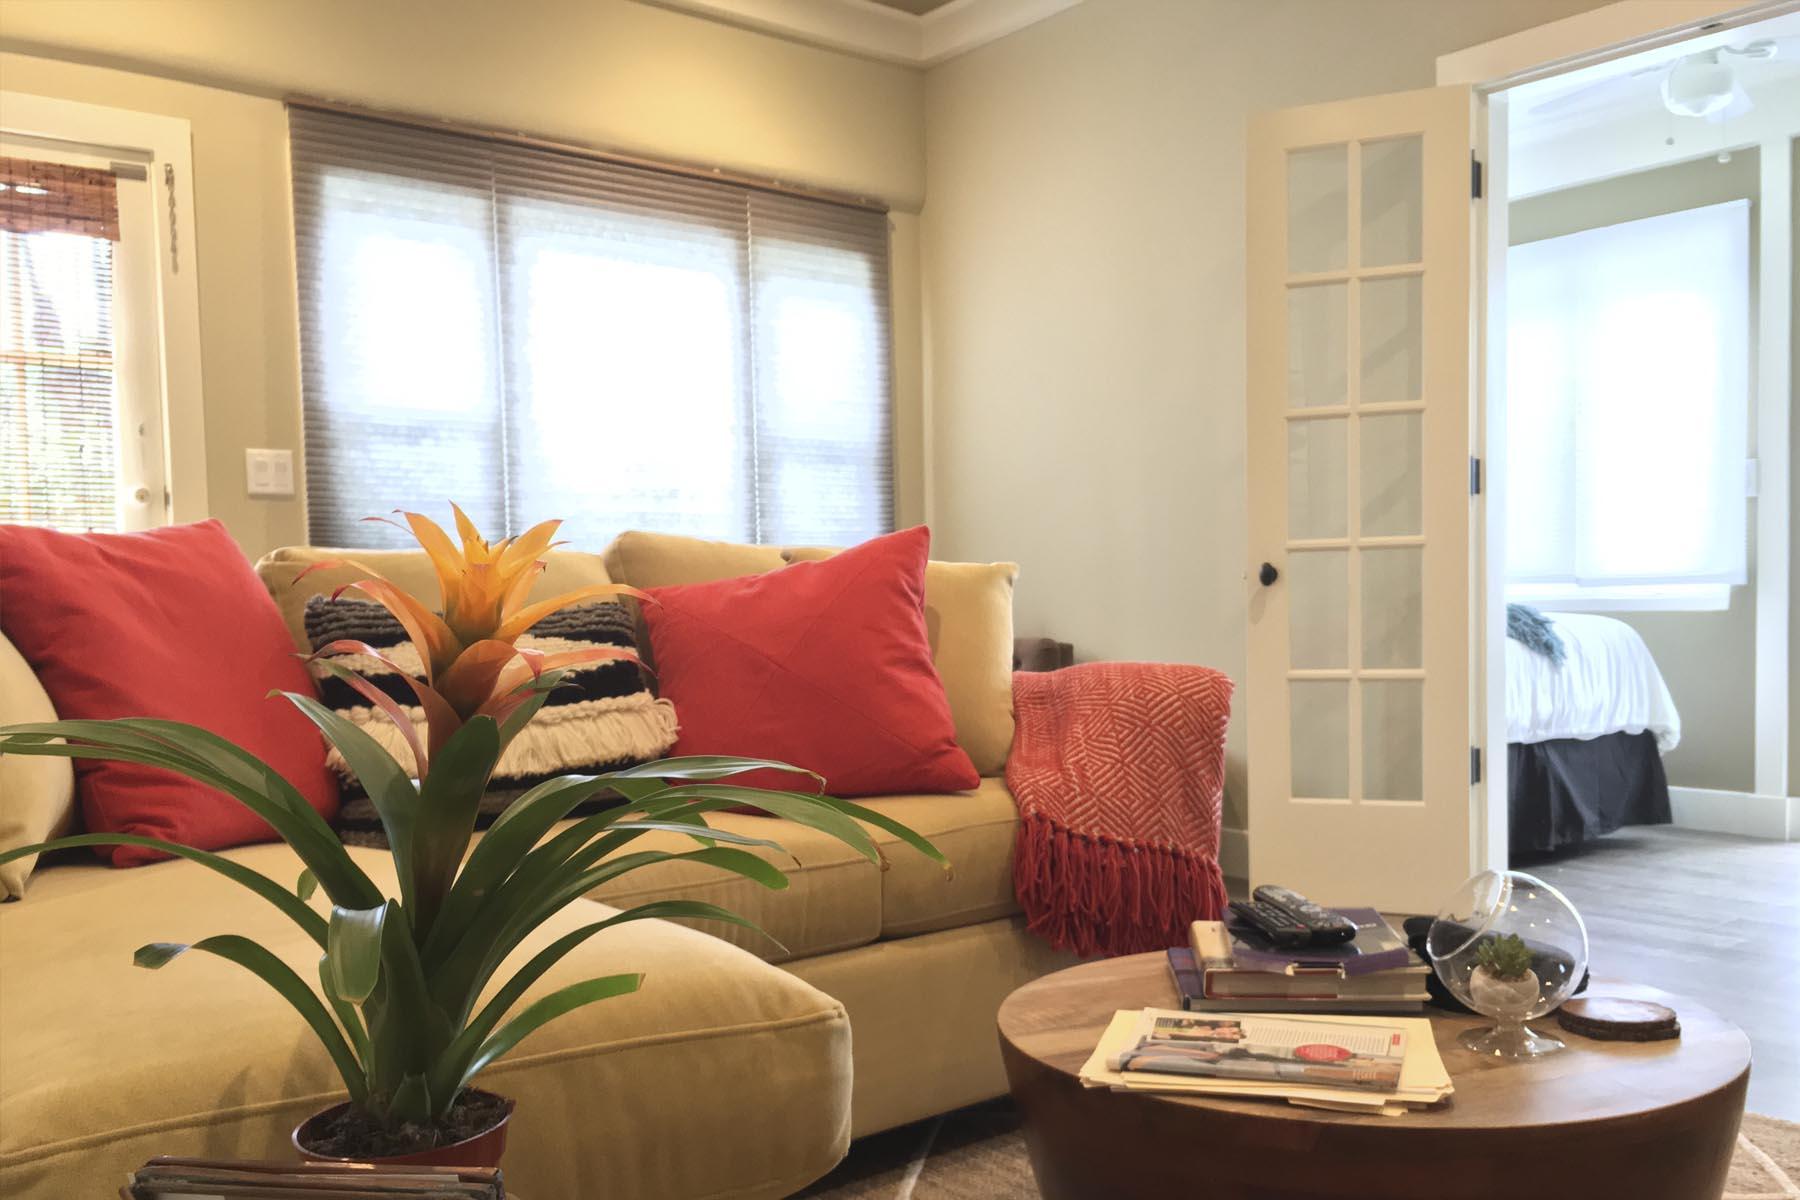 1530 Garden St. living room residential